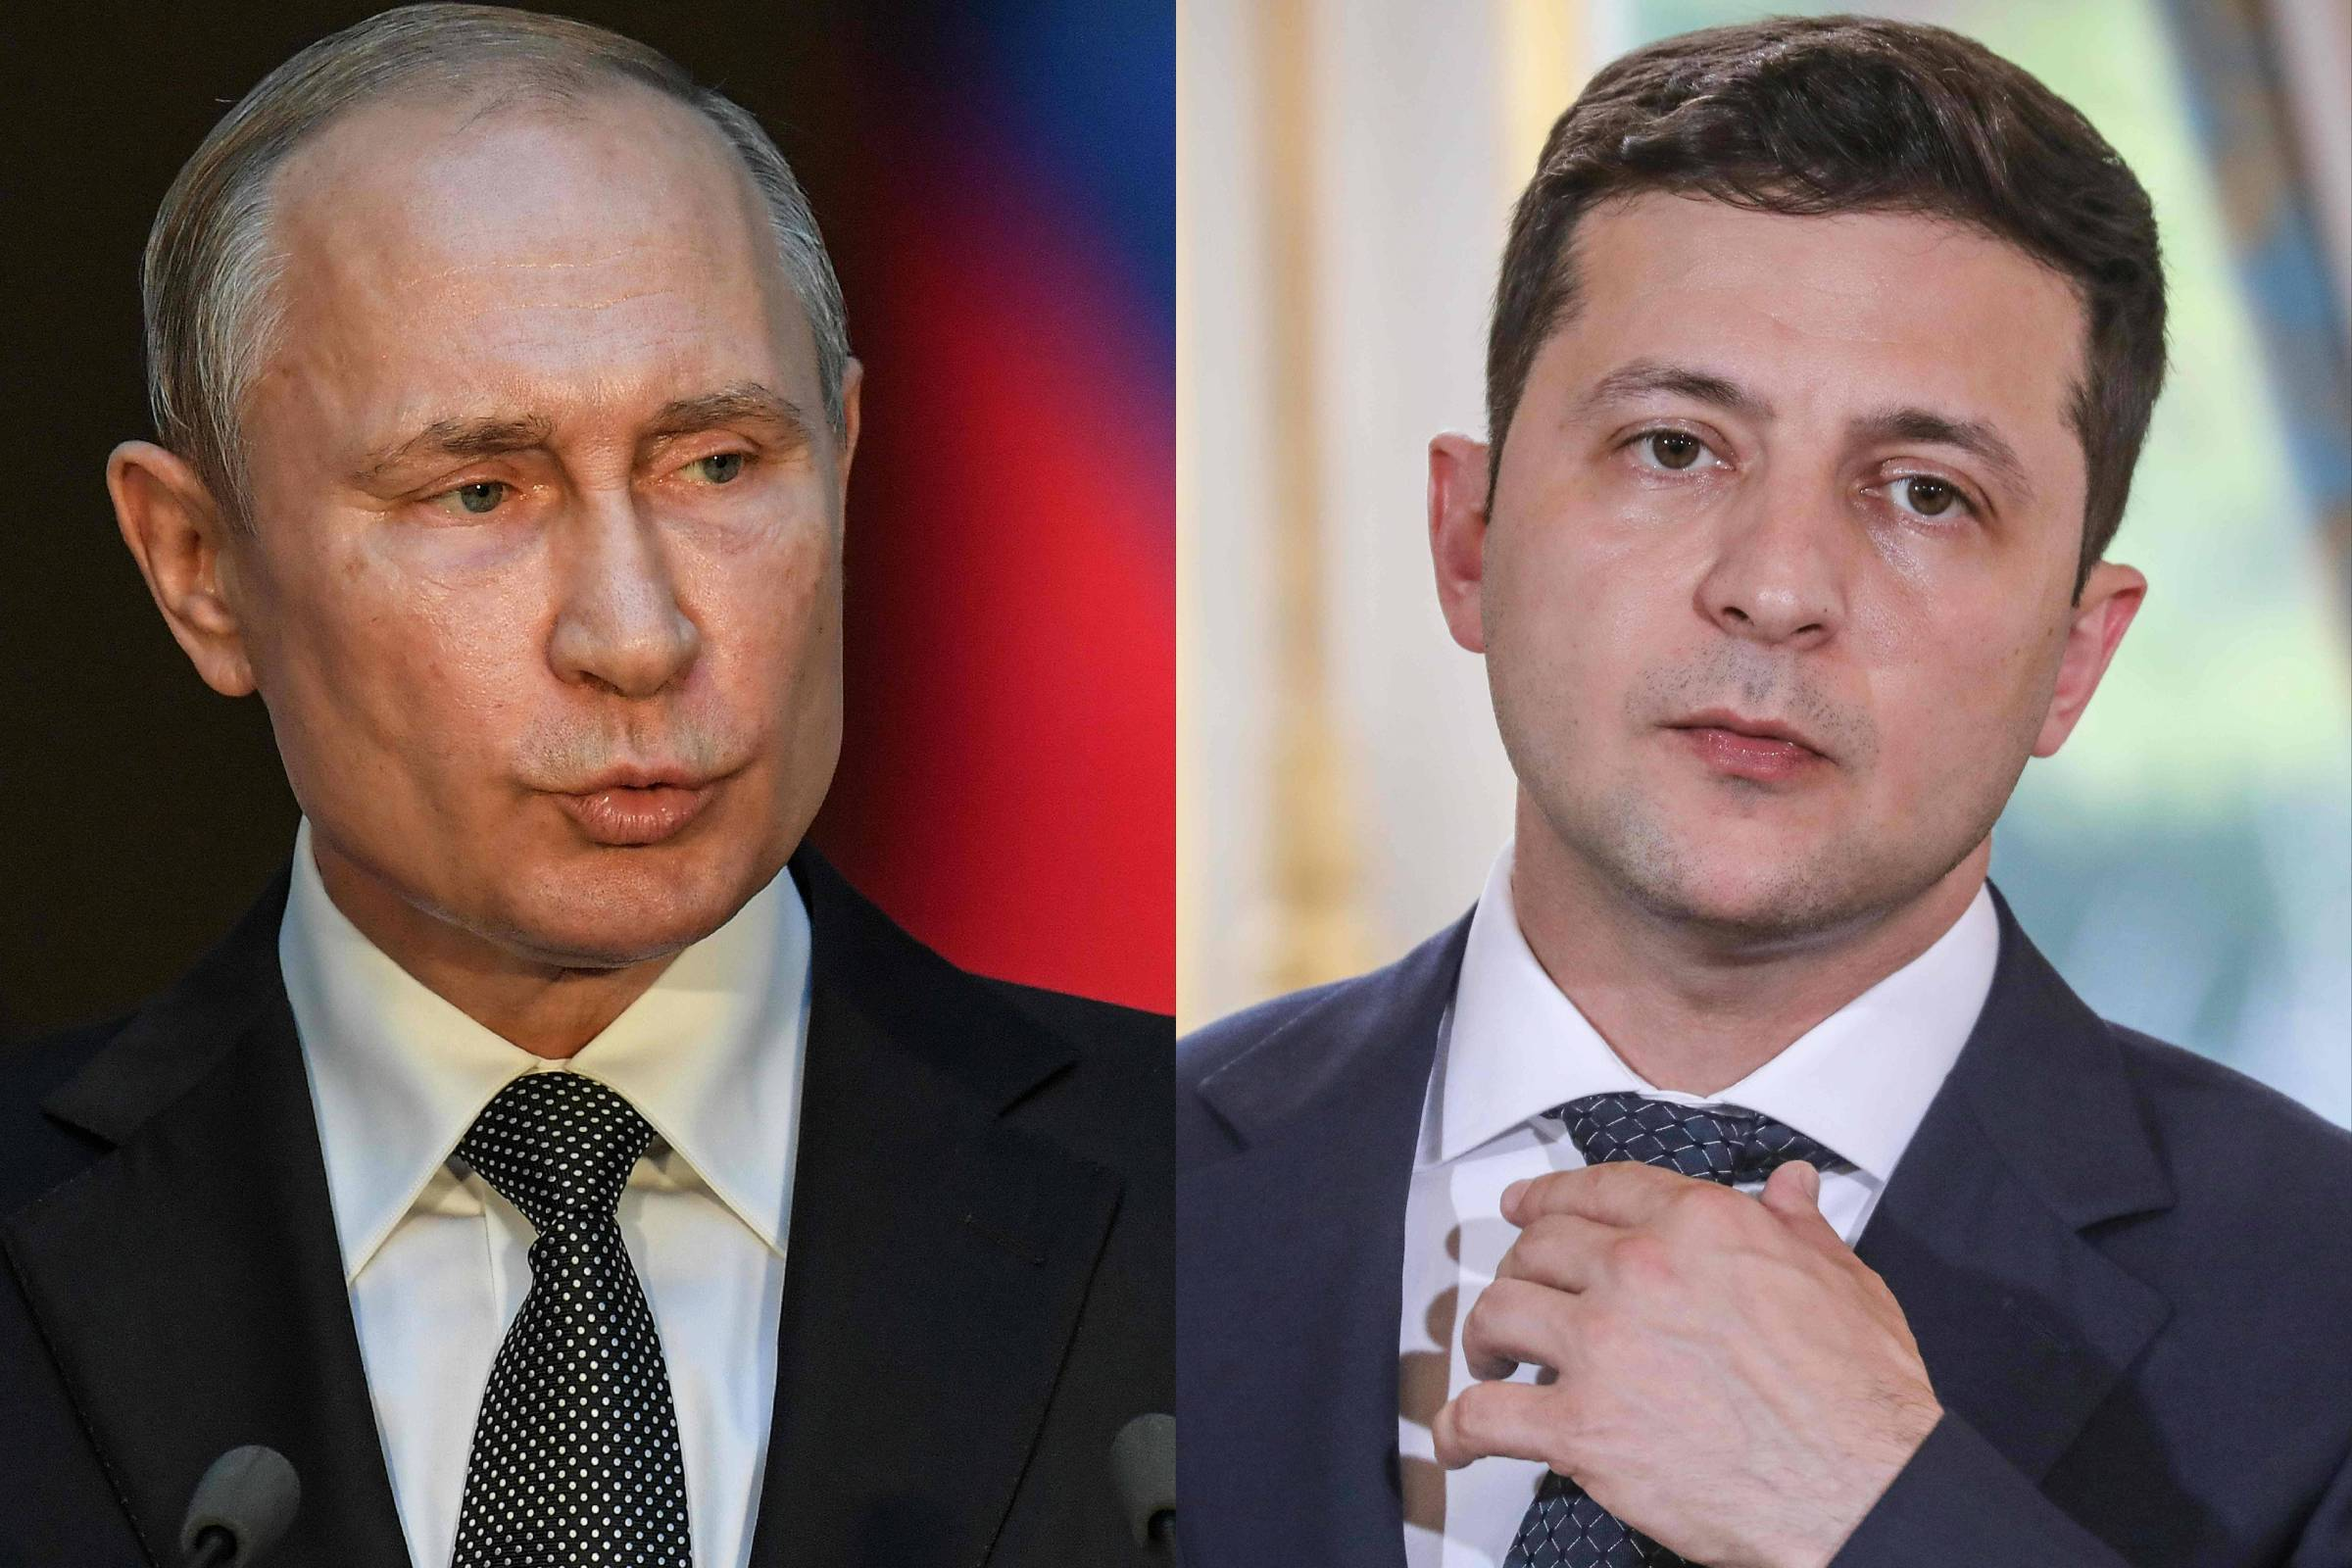 Պուտին-Զելենսկի նոր հեռախոսազրույց տեղի կունենա՞ մինչև հուլիսի վերջ